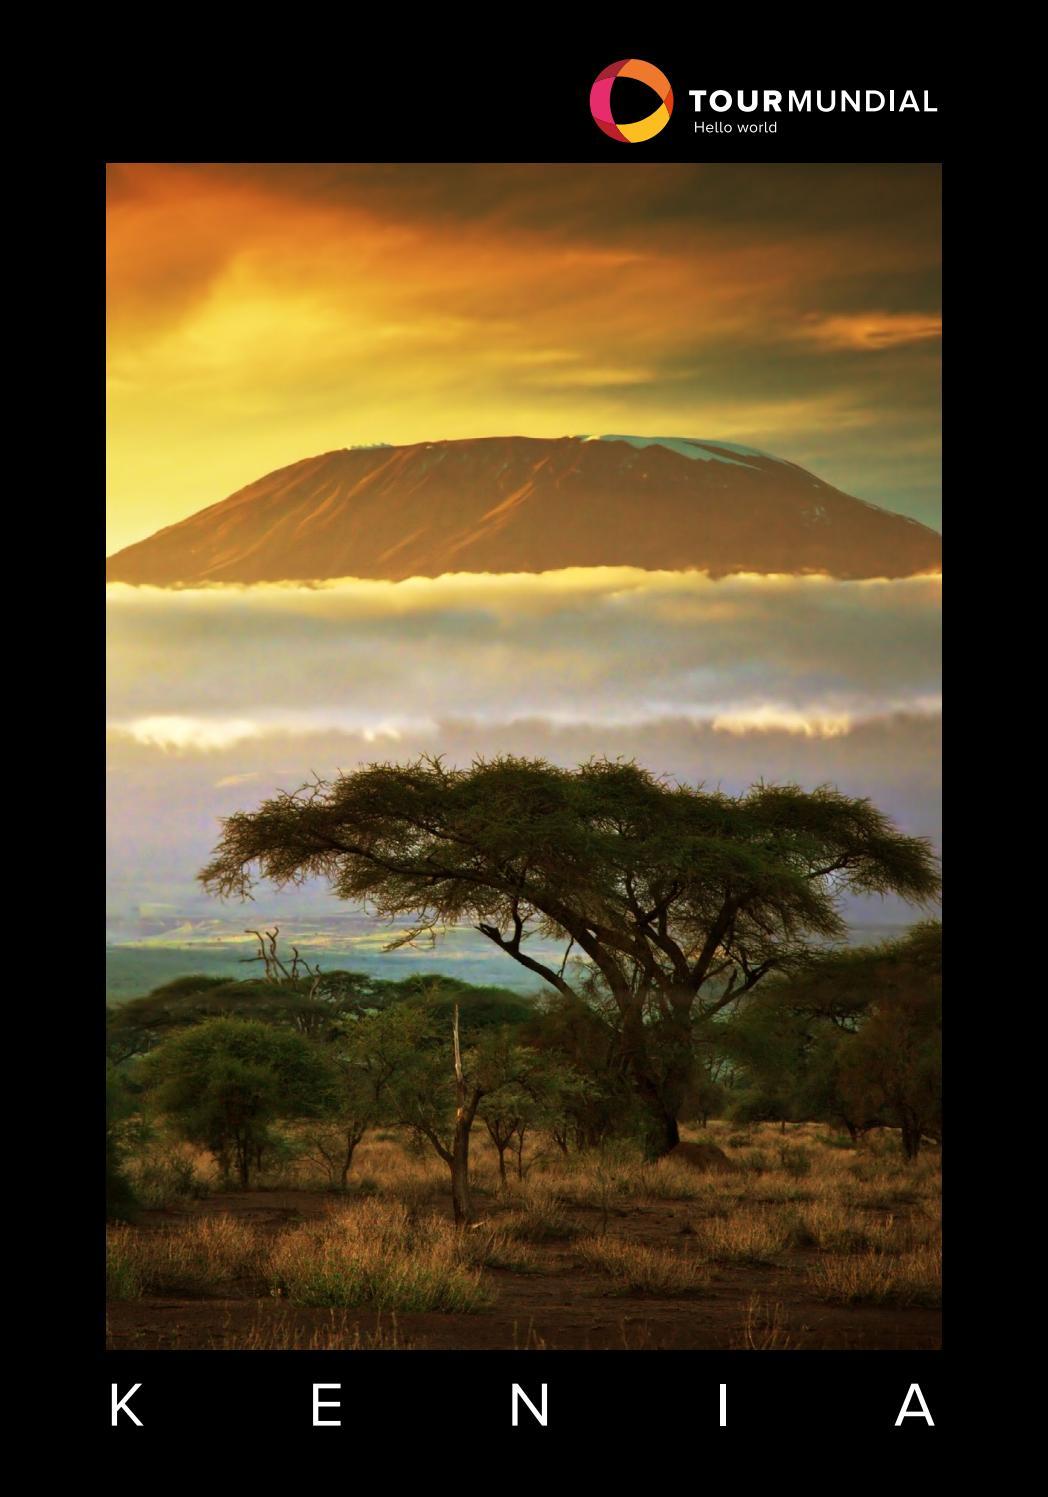 Bienvenidos a Kenia